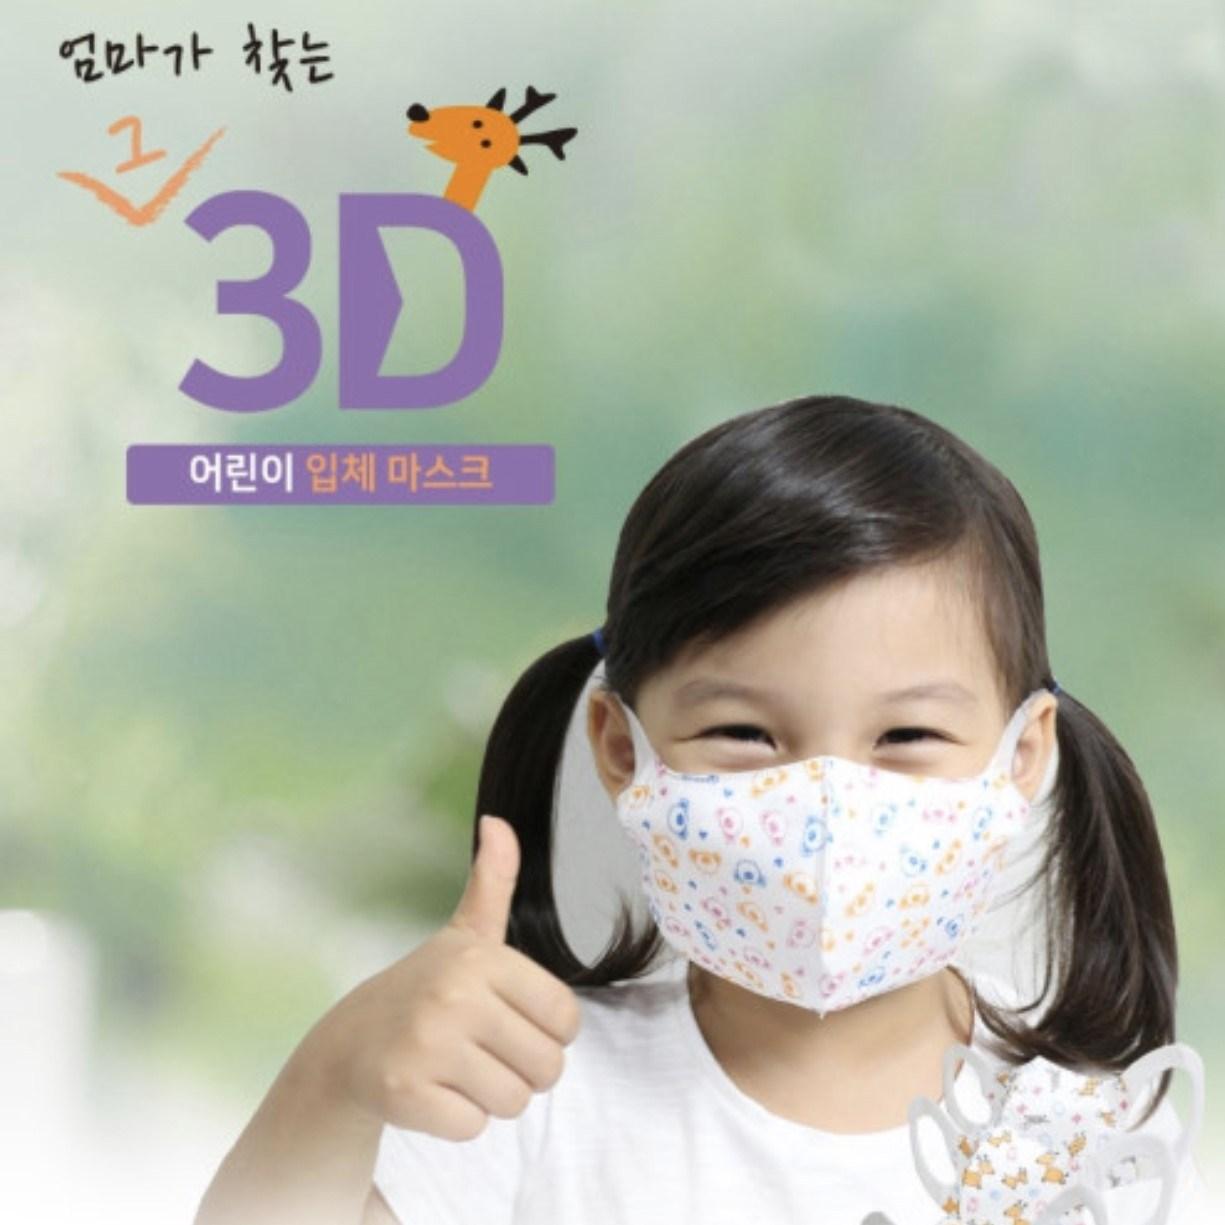 엄마가찾는그3D마스크 어린이마스크 50매, 1개